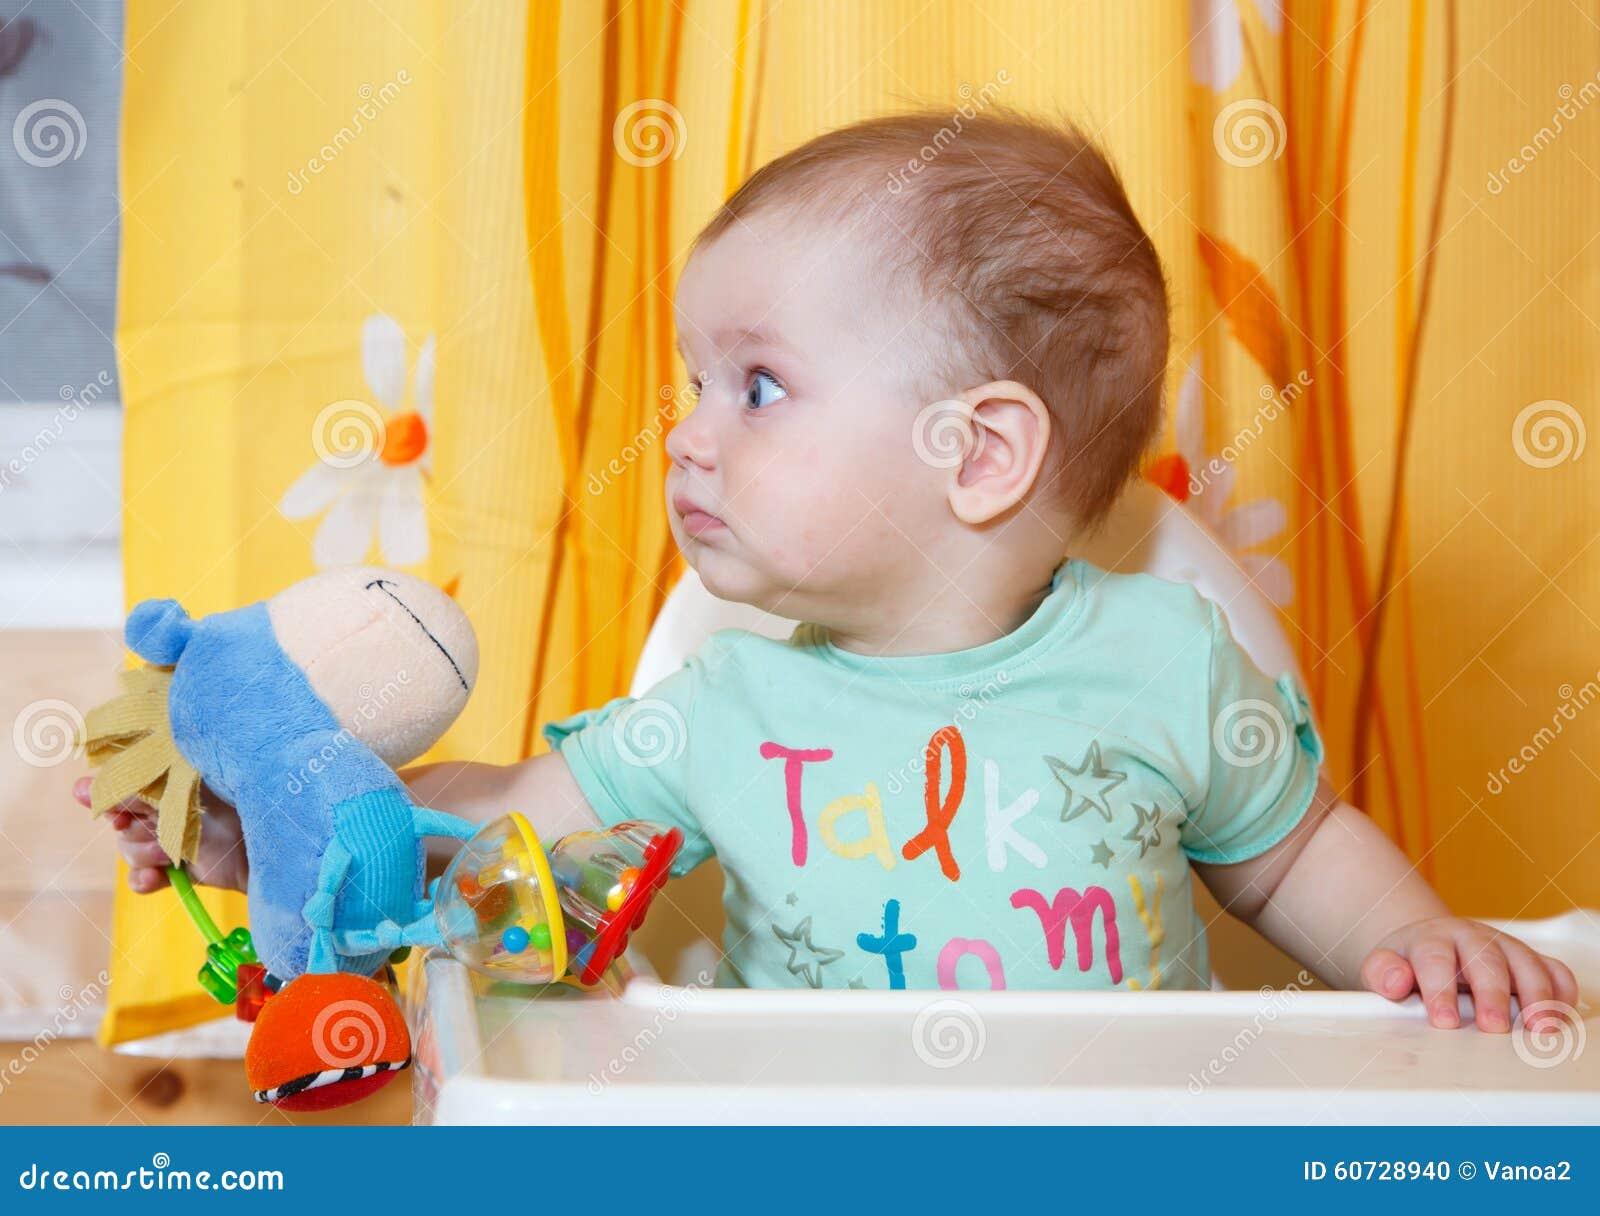 Bebê com fome com o brinquedo em seu alimento de espera da mão